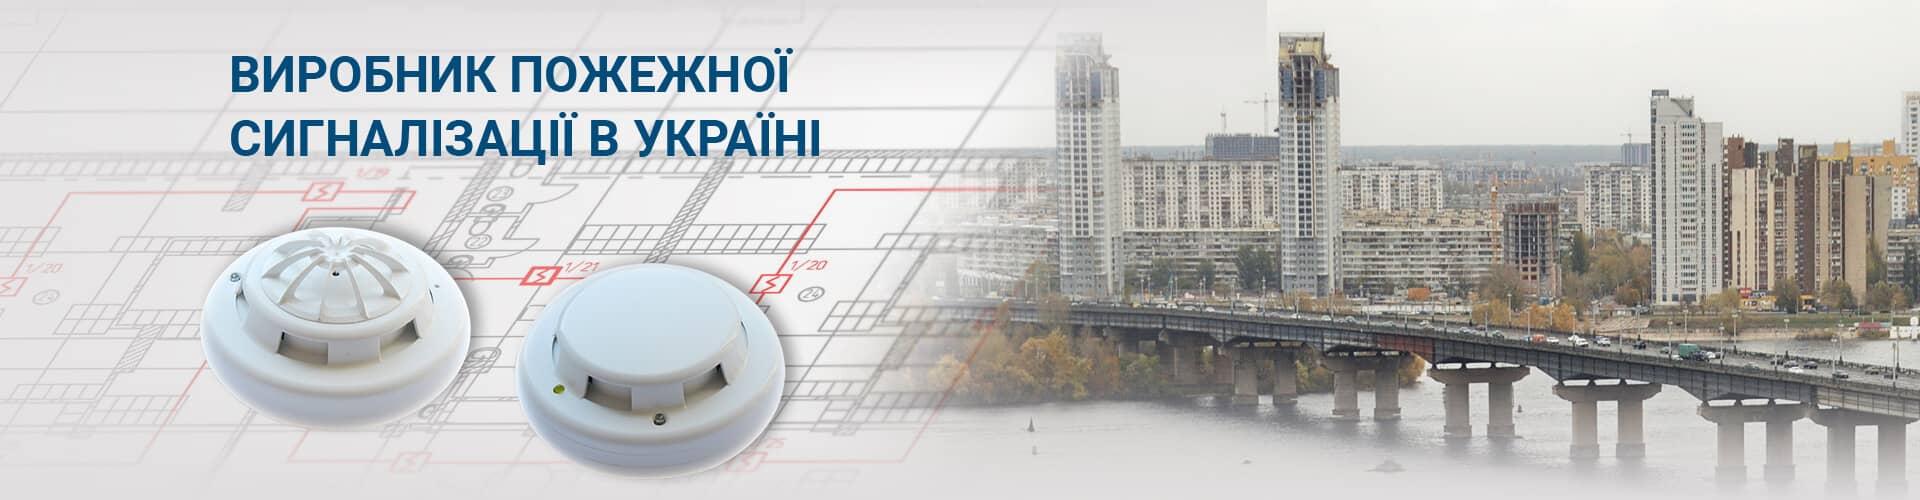 розробка та виробництво елементів адресних систем пожежної сигналізації